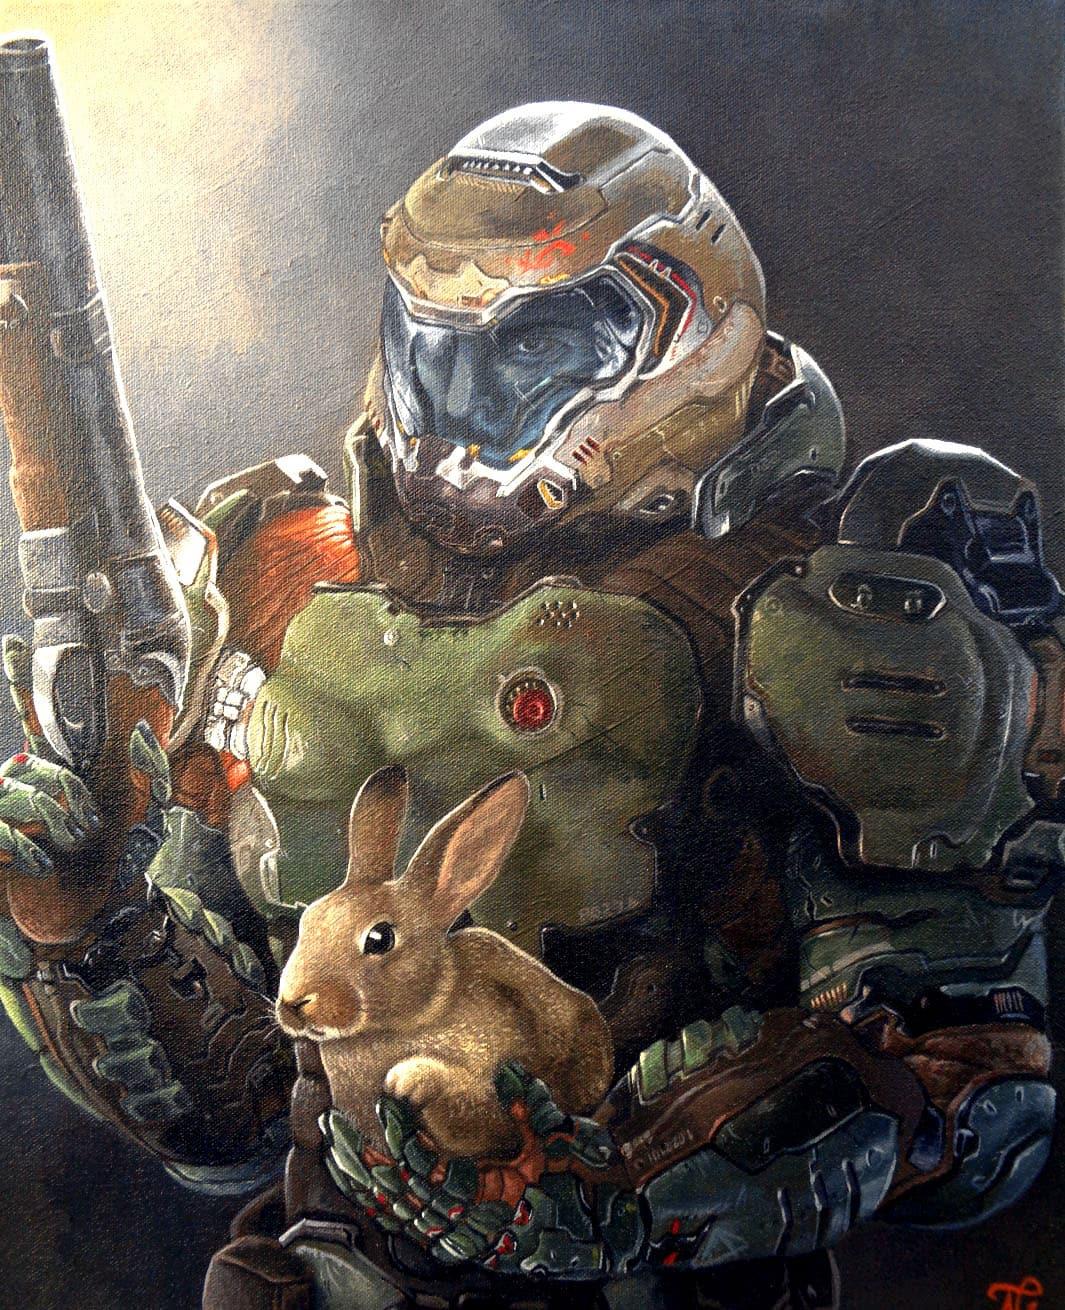 doomguy and rabbit